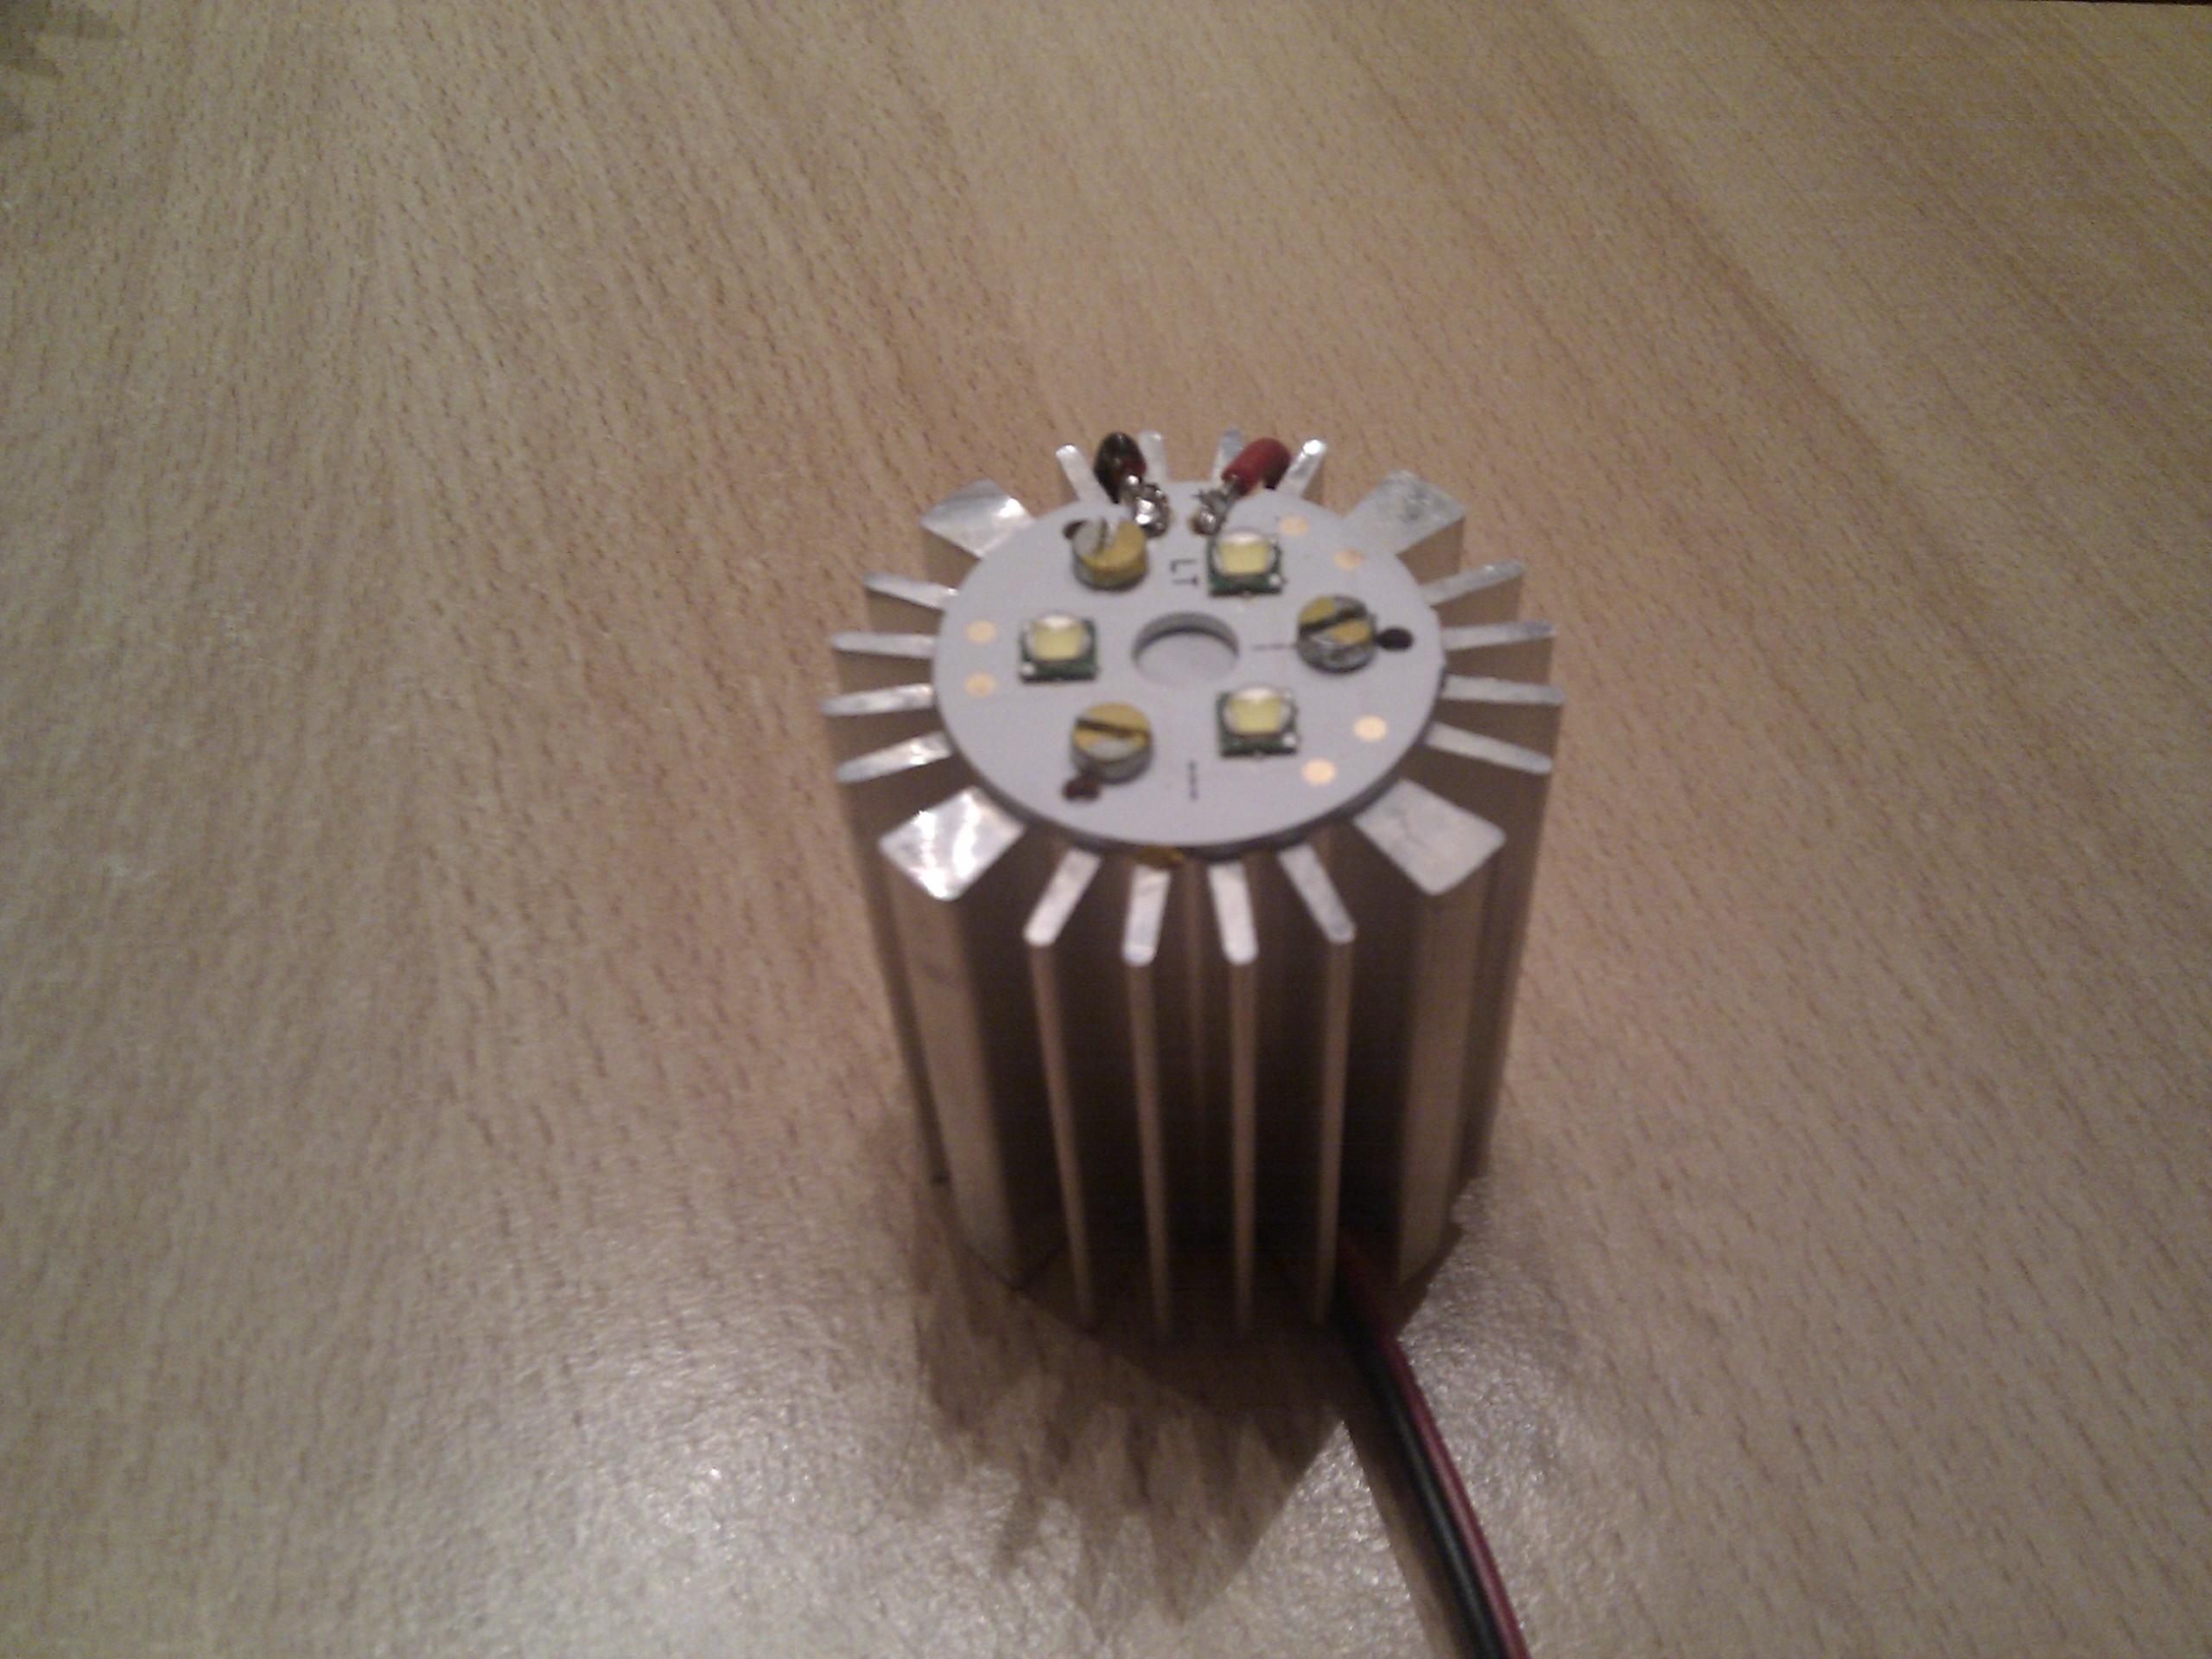 3x XM-L T3 auf rundplatine und Kühlkörper